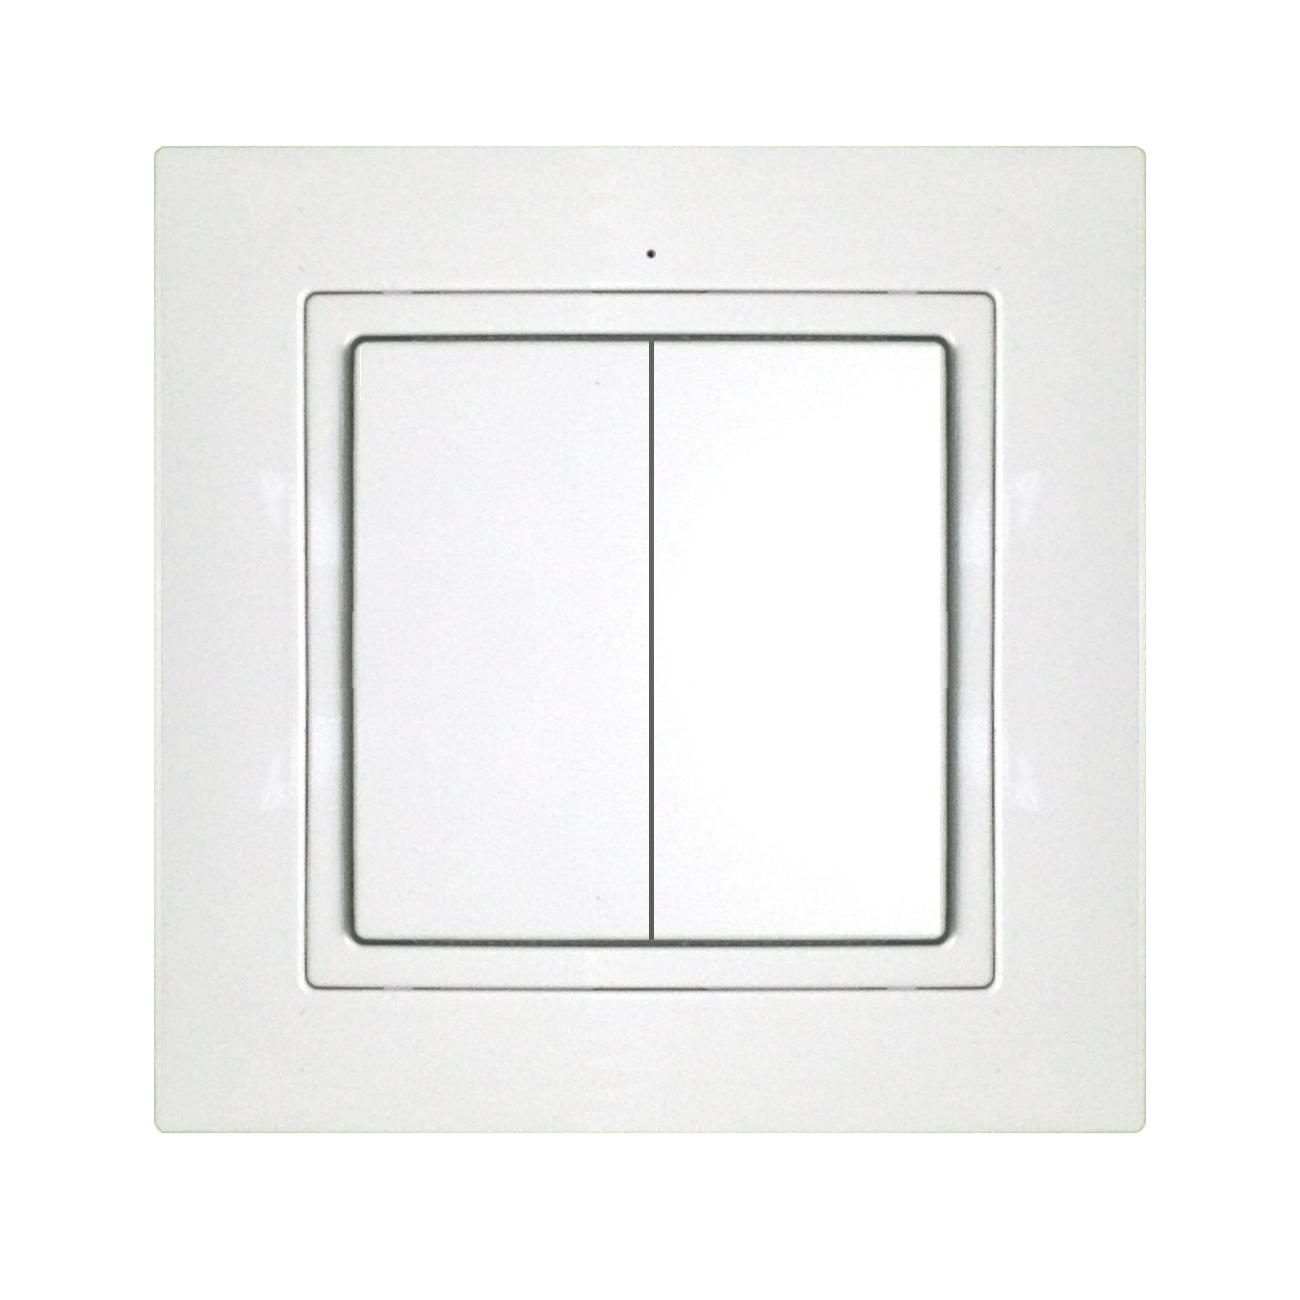 Беспроводной выключатель nooLite PB-411 белый